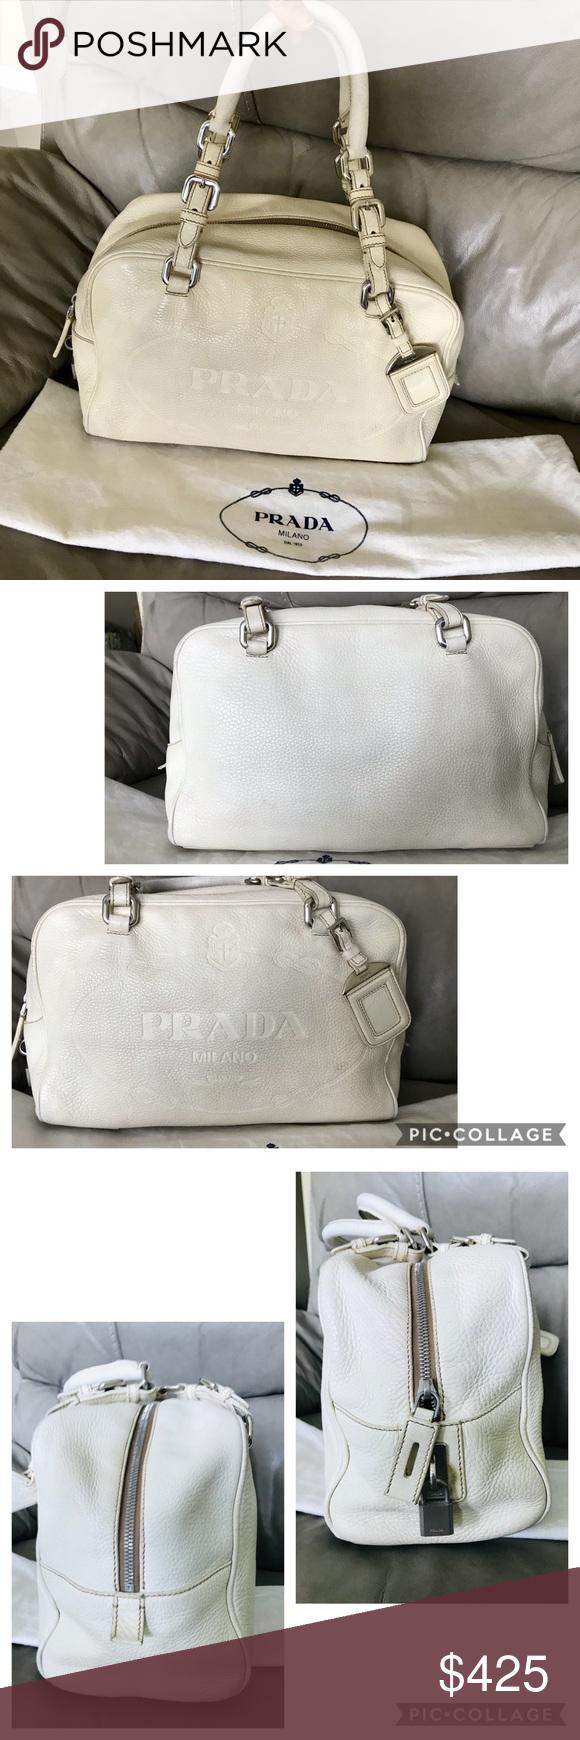 Photo of 🌺Prada Handbag Leather 🌺🌺🌺🌺🌺🌺🌺🌺🌺🌺🌺🌺🌺 A…